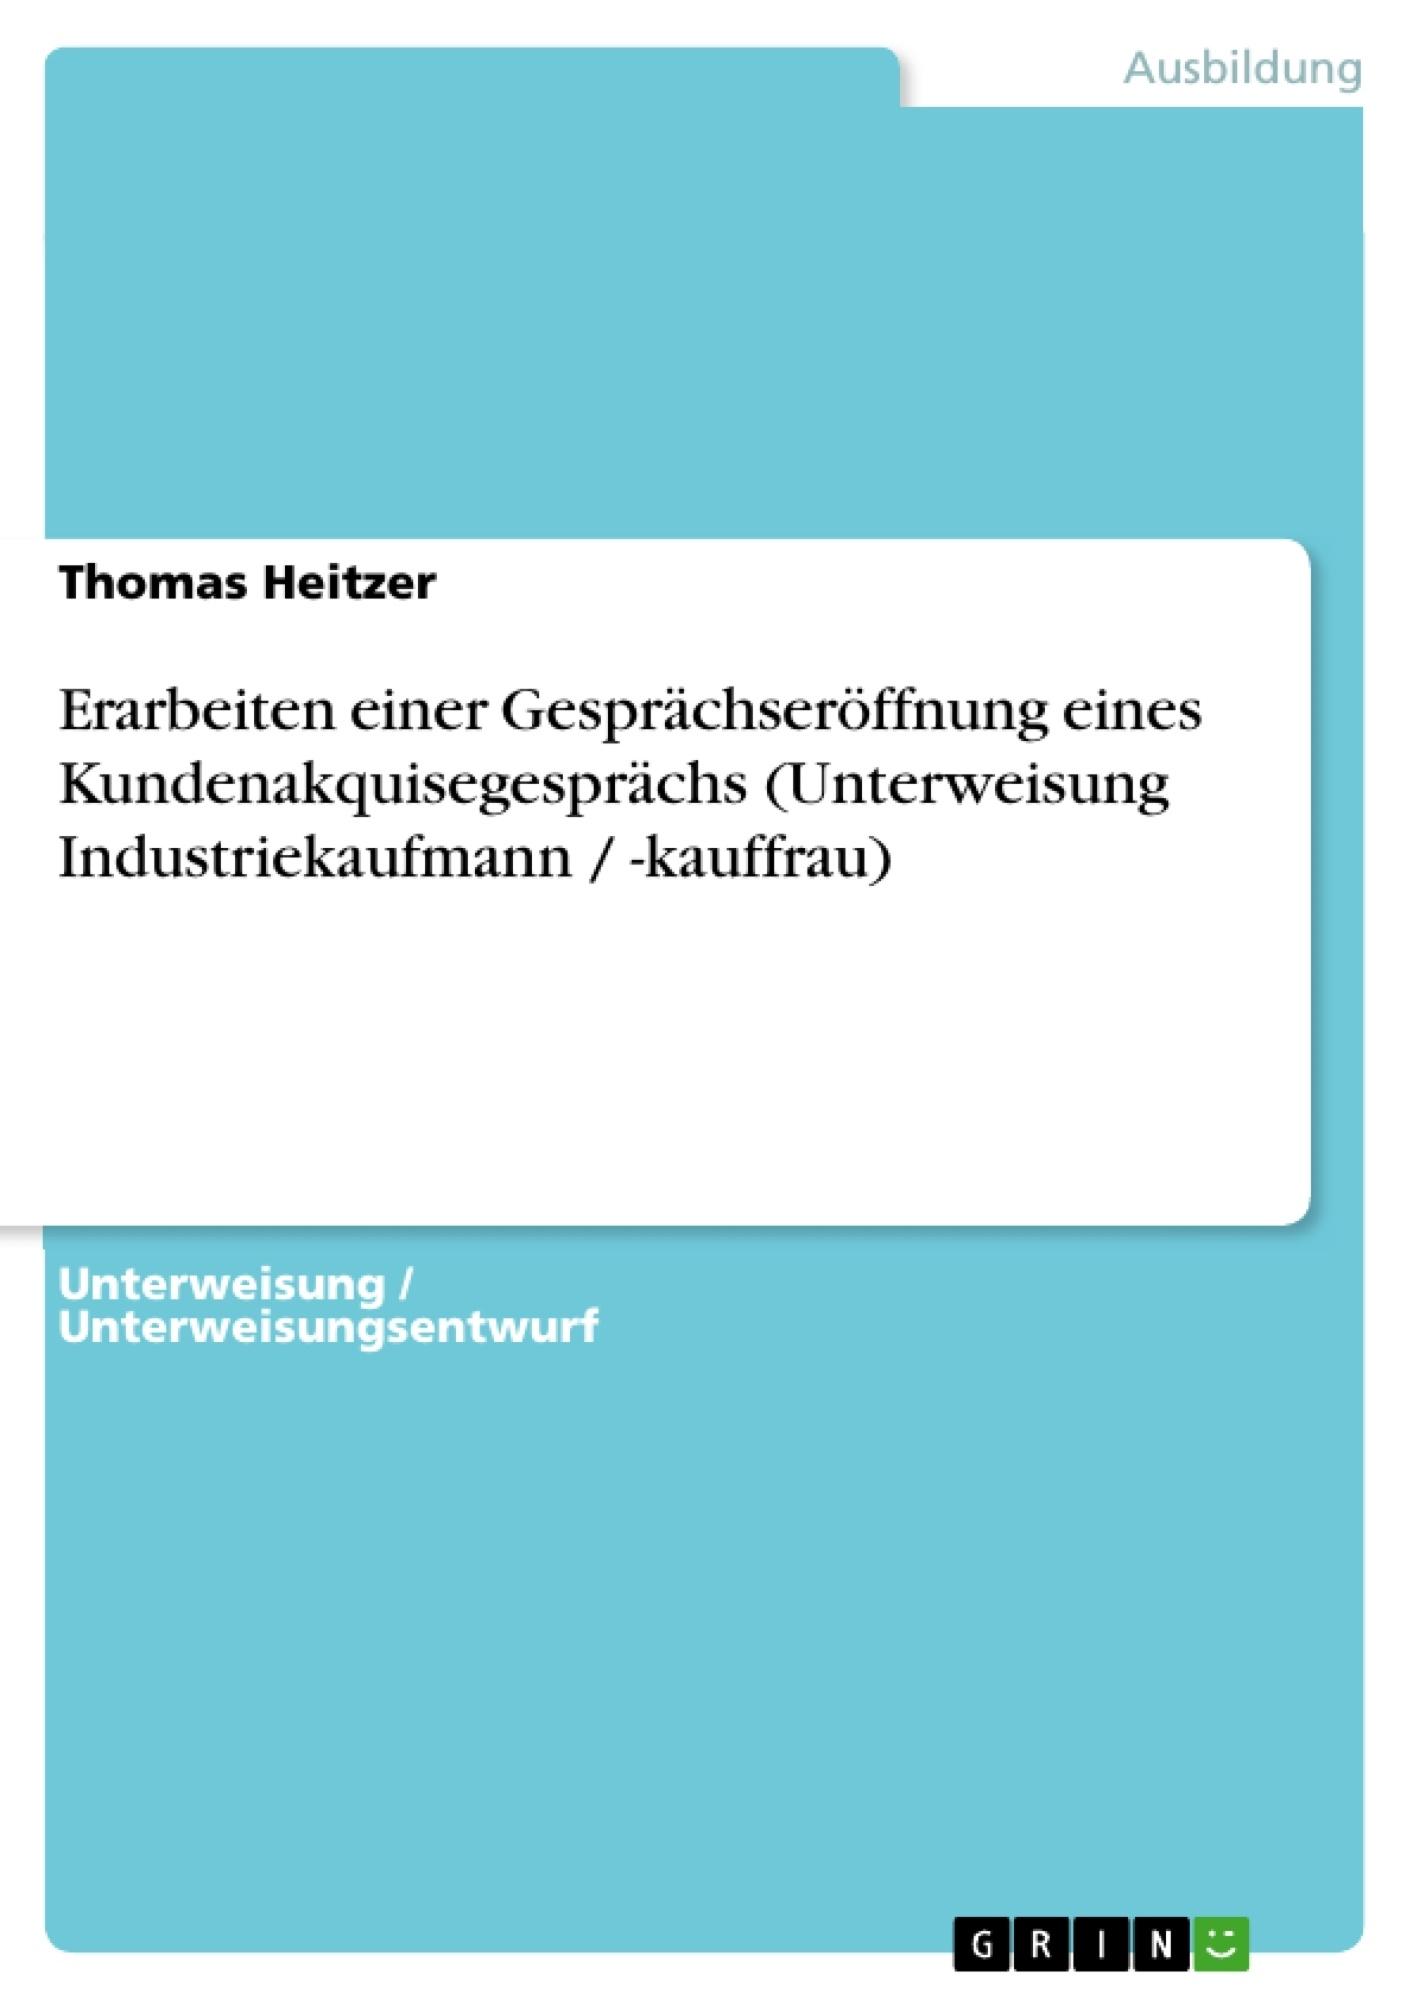 Titel: Erarbeiten einer Gesprächseröffnung eines Kundenakquisegesprächs (Unterweisung Industriekaufmann / -kauffrau)